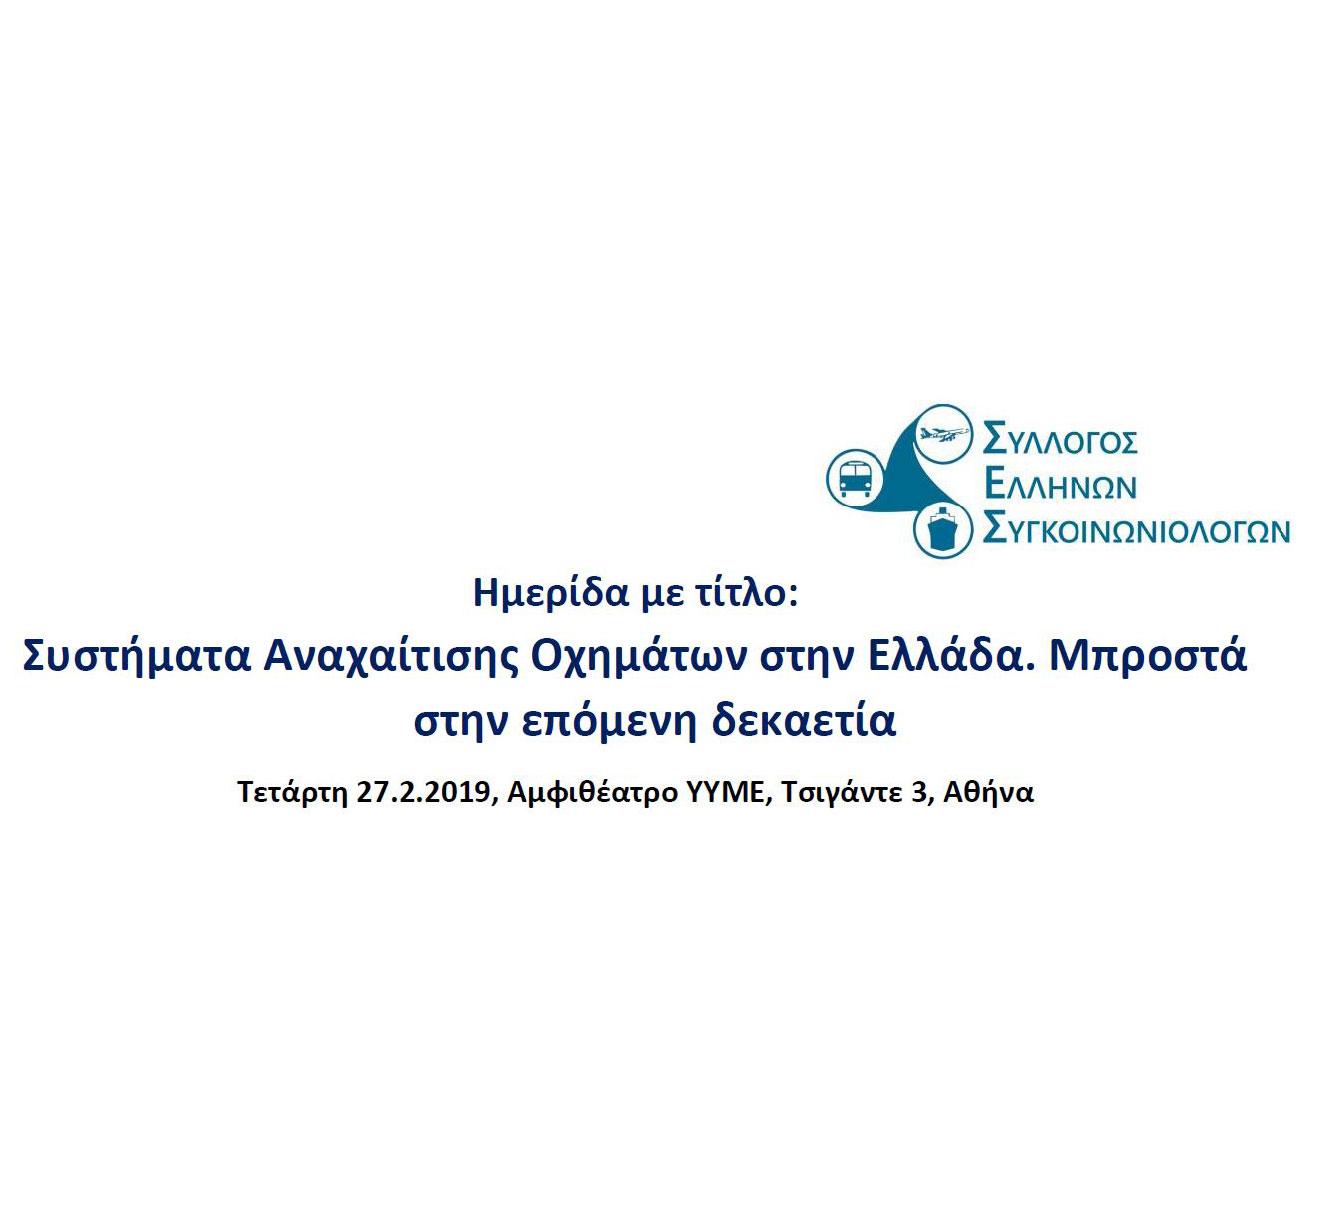 Ημερίδα Συλλόγου Ελλήνων Συγκοινωνιολόγων 27/2/2019 – Συστήματα Αναχαίτισης Οχημάτων